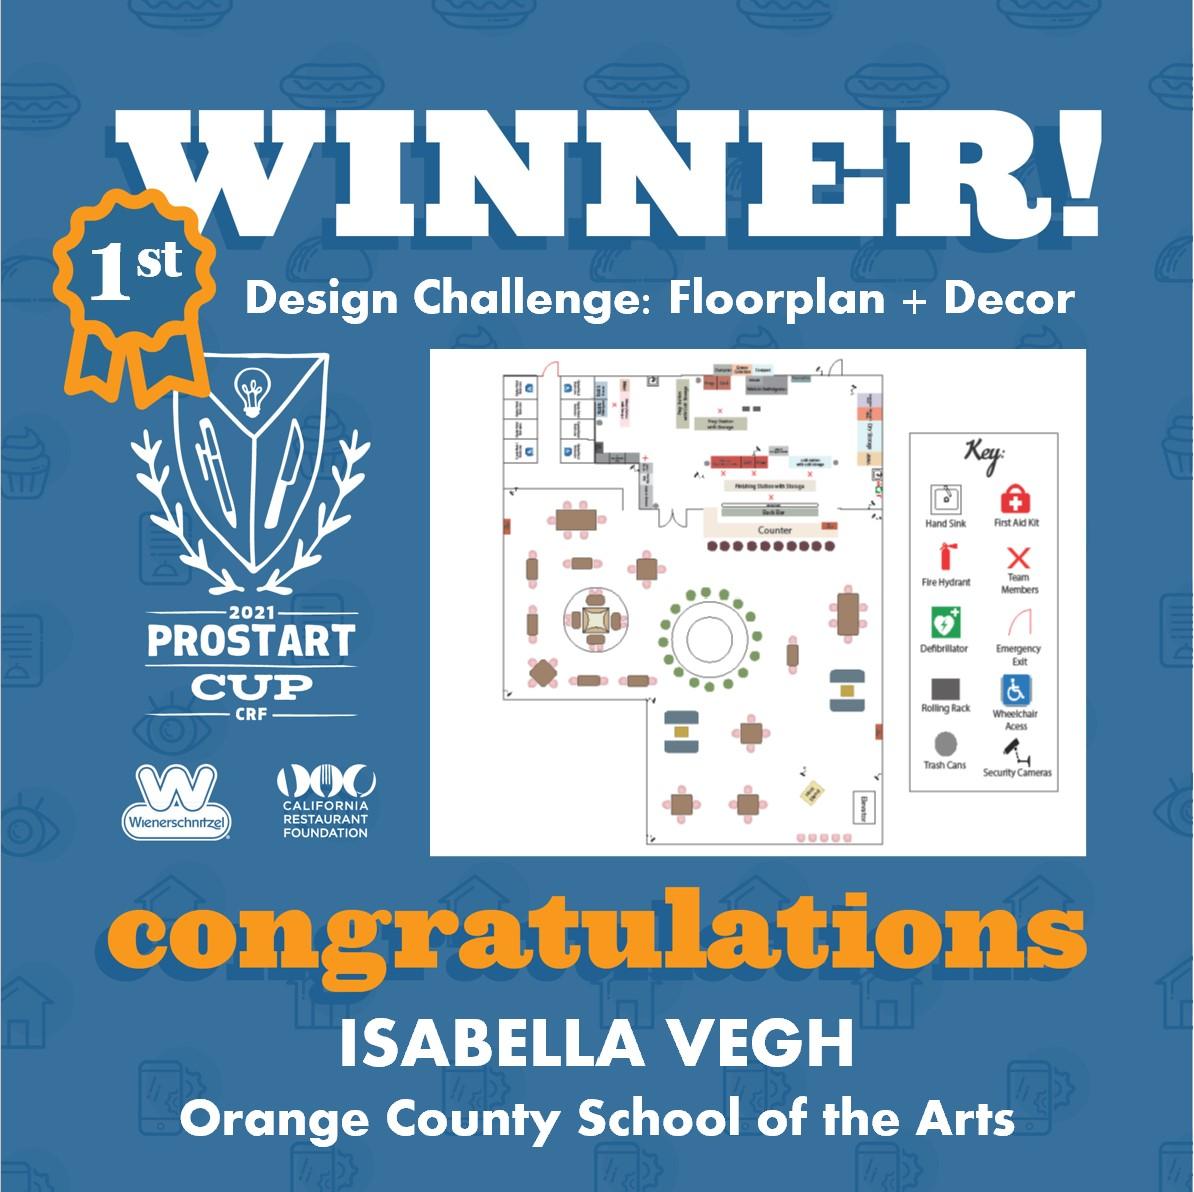 2021 ProStart Winner - Design Challenge: Floorplan + Décor - 1st Place